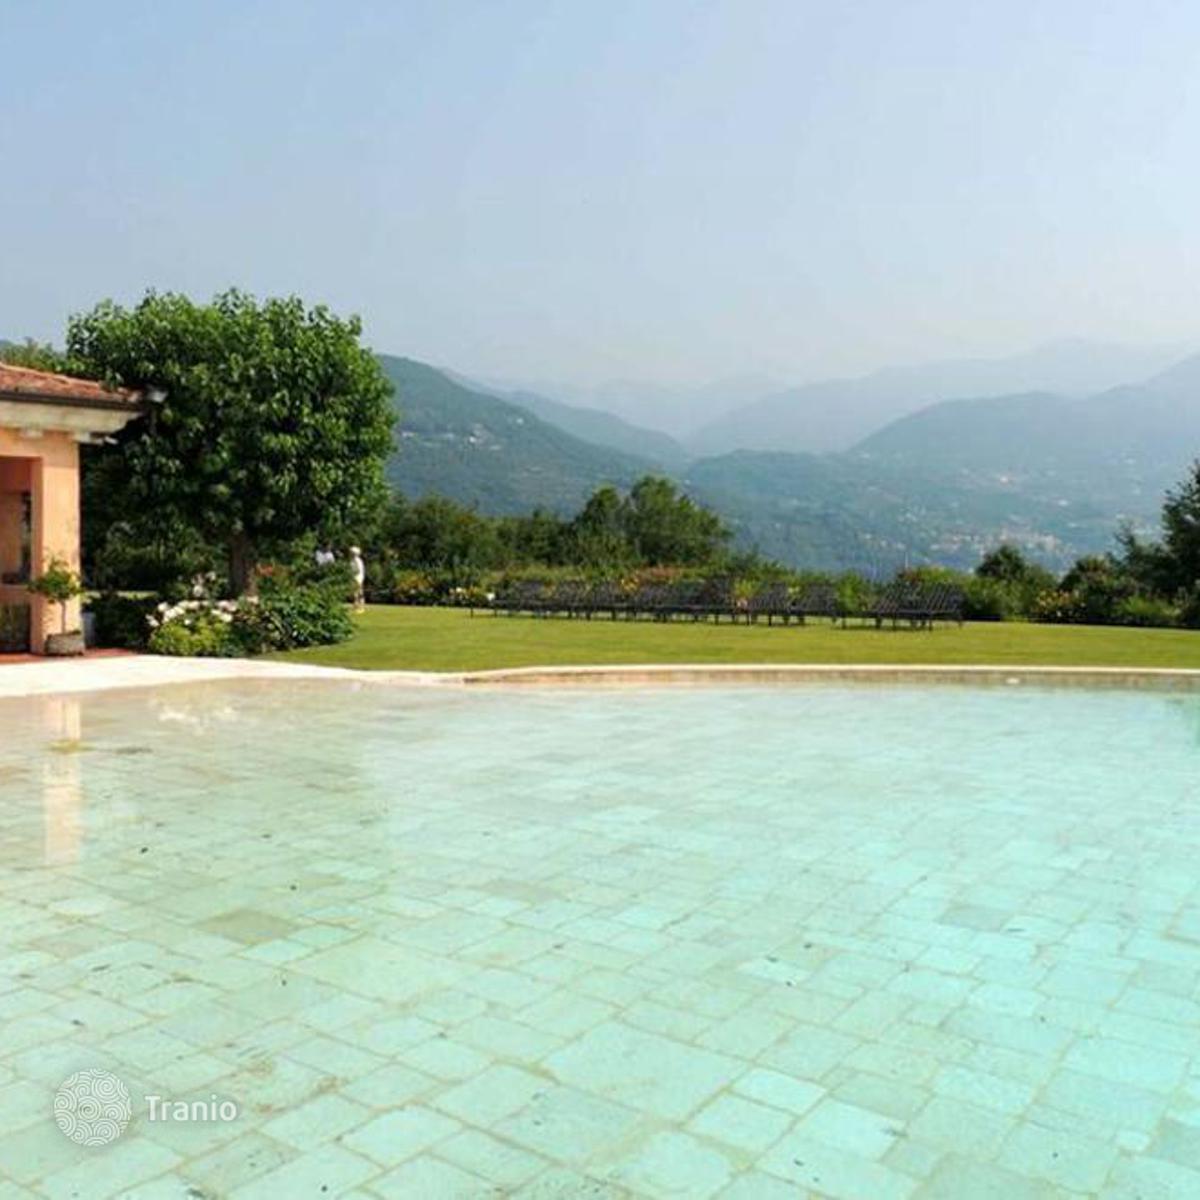 San Felice del Benaco Italy  city photos : Listing #1400022 in San Felice del Benaco, Lombardy, Italy — Villa ...